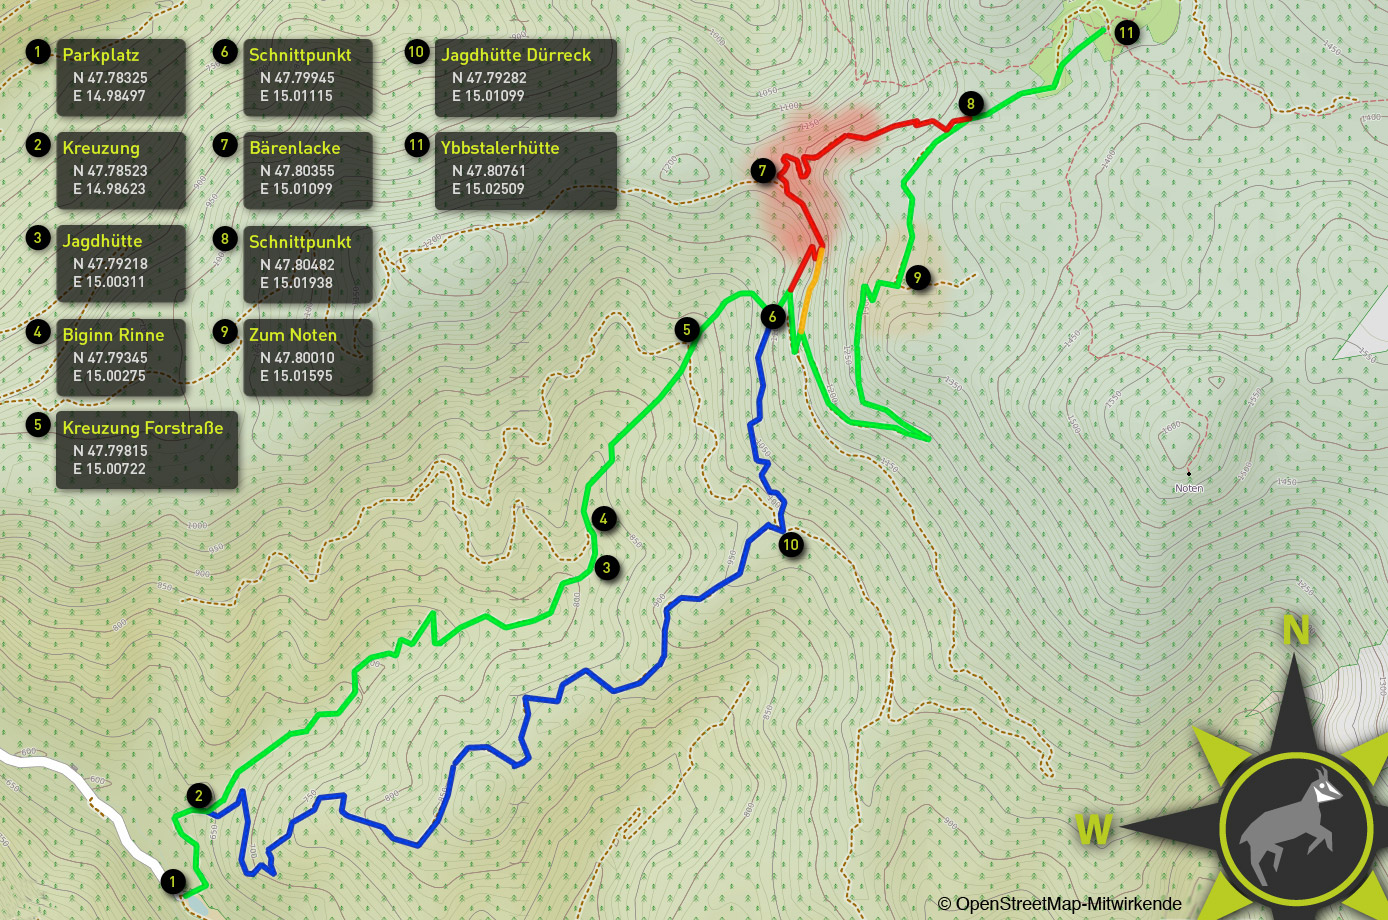 Skitouren Anstiege Ybbstalerhütte -Übersichtskarte